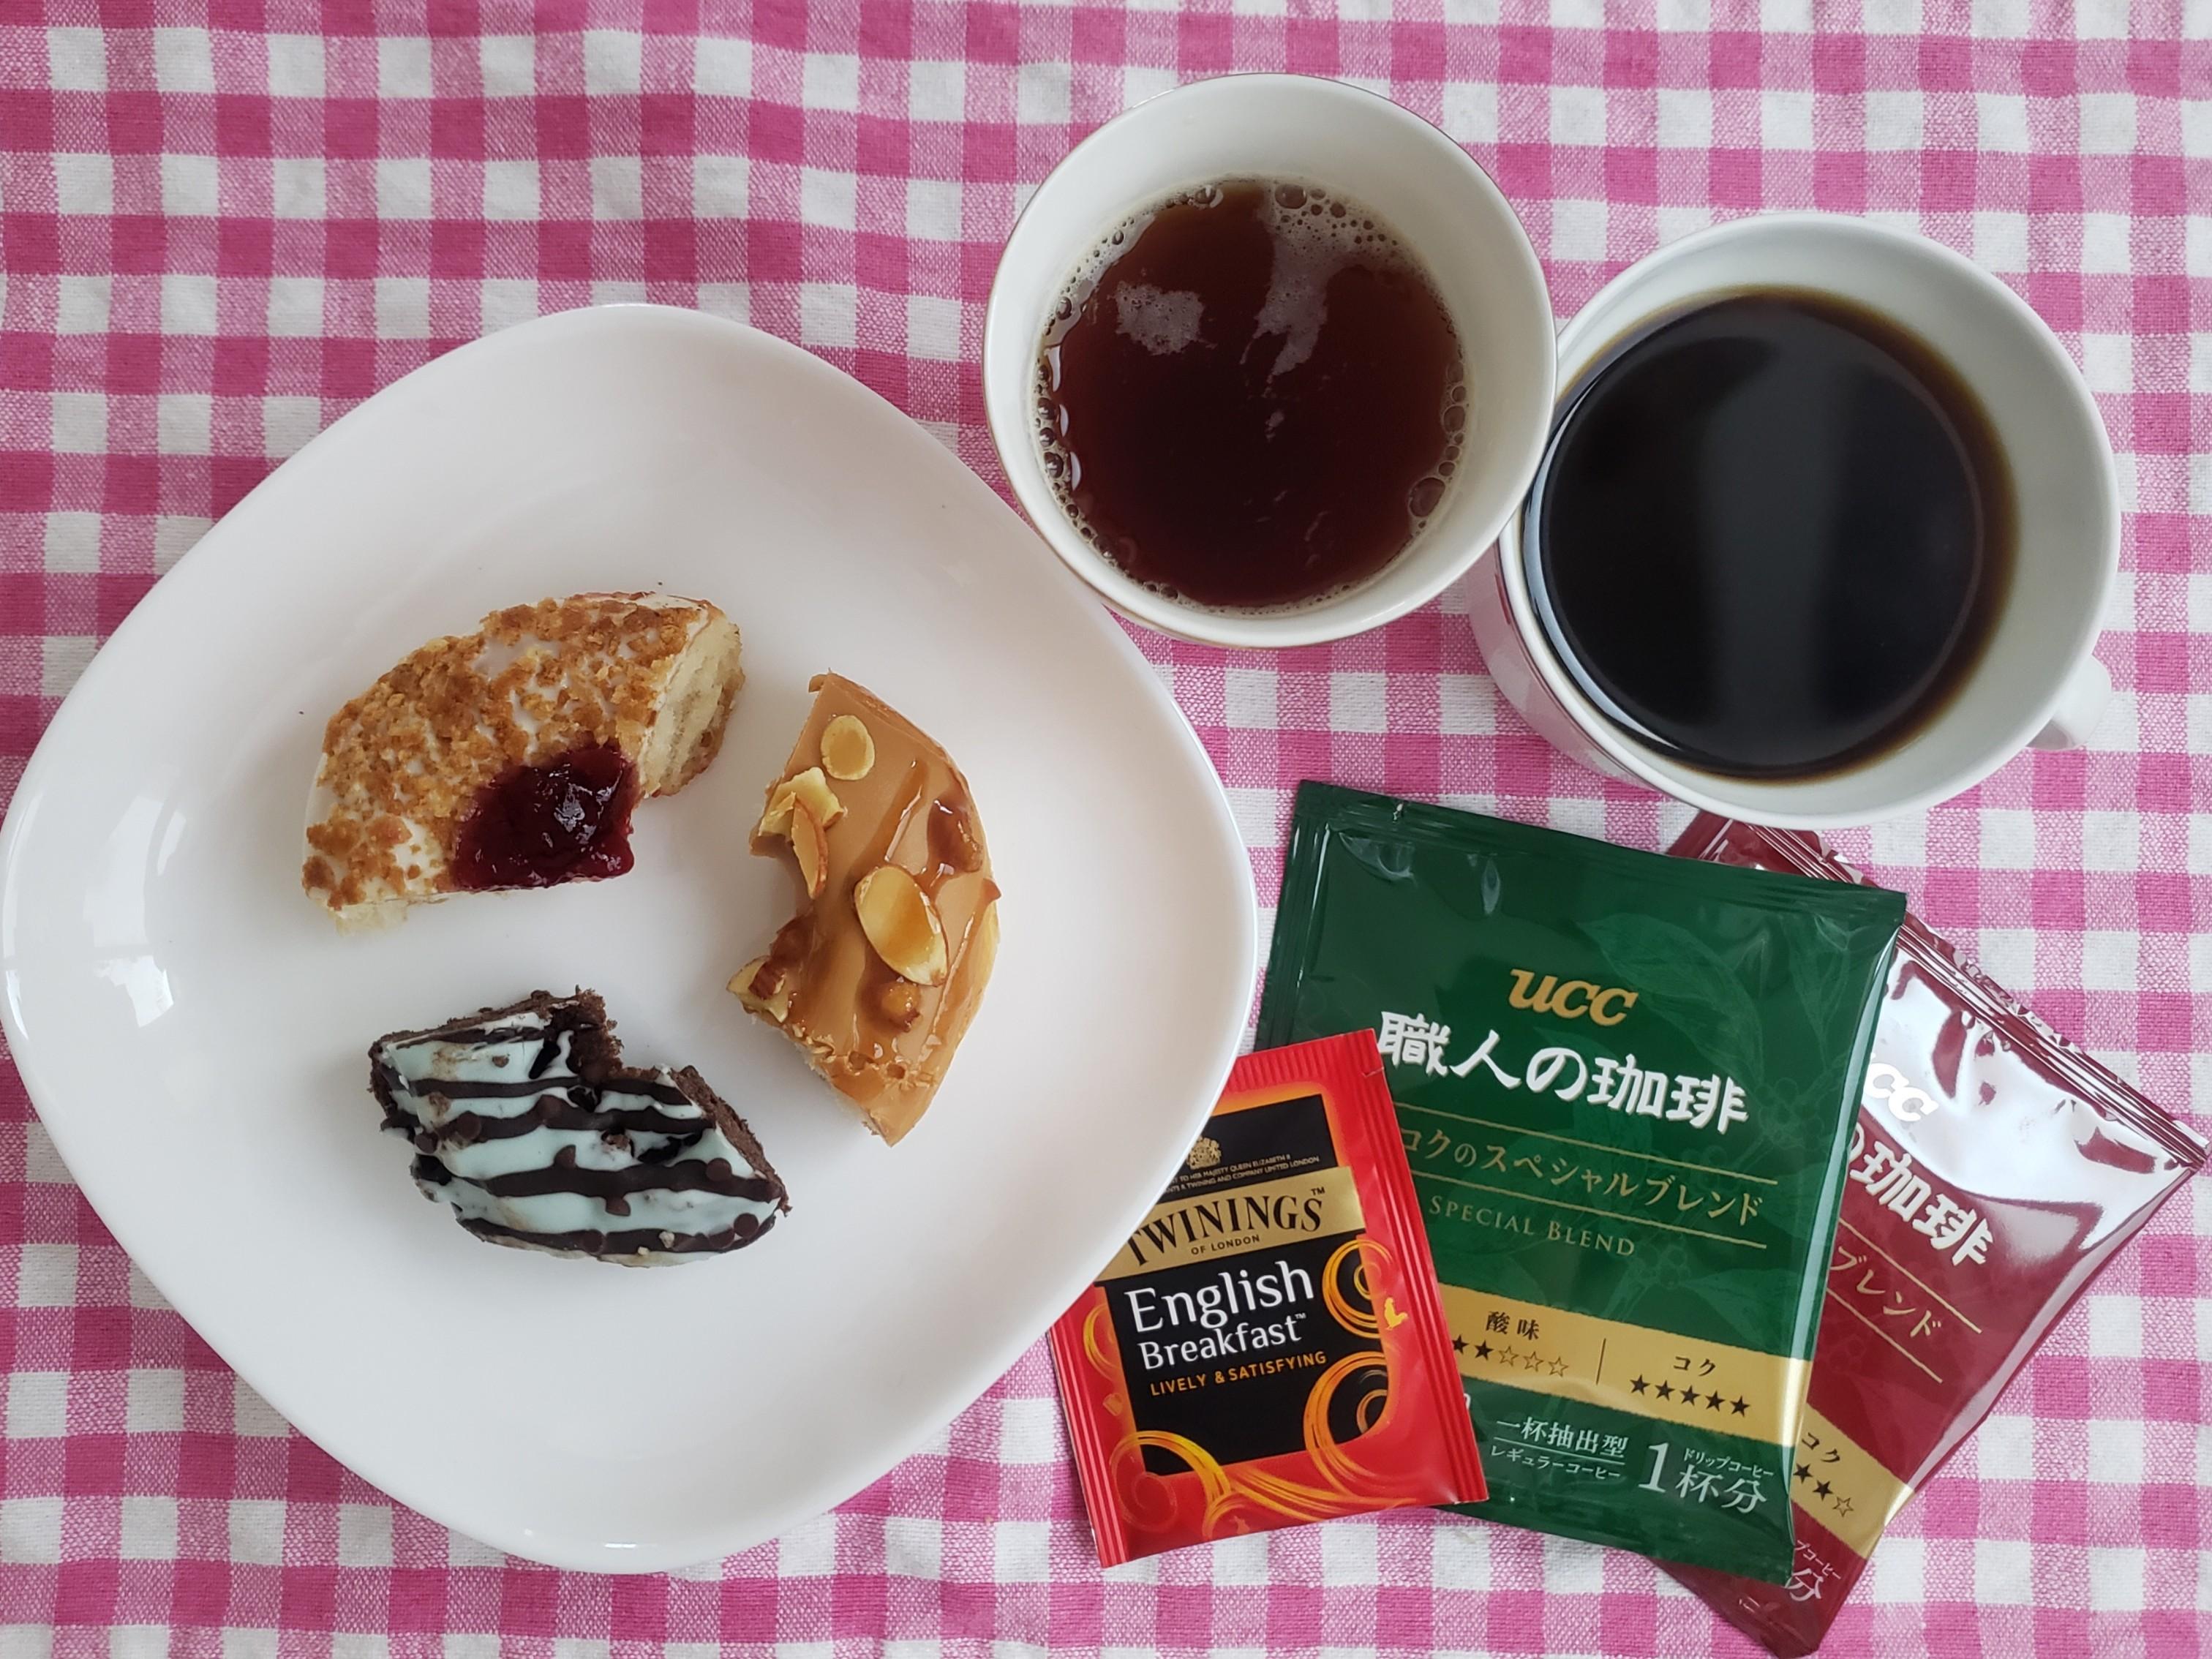 【クリスピー・クリーム・ドーナツ】期間限定3種をお手軽☆コーヒー・紅茶でフードペアリング♡_1